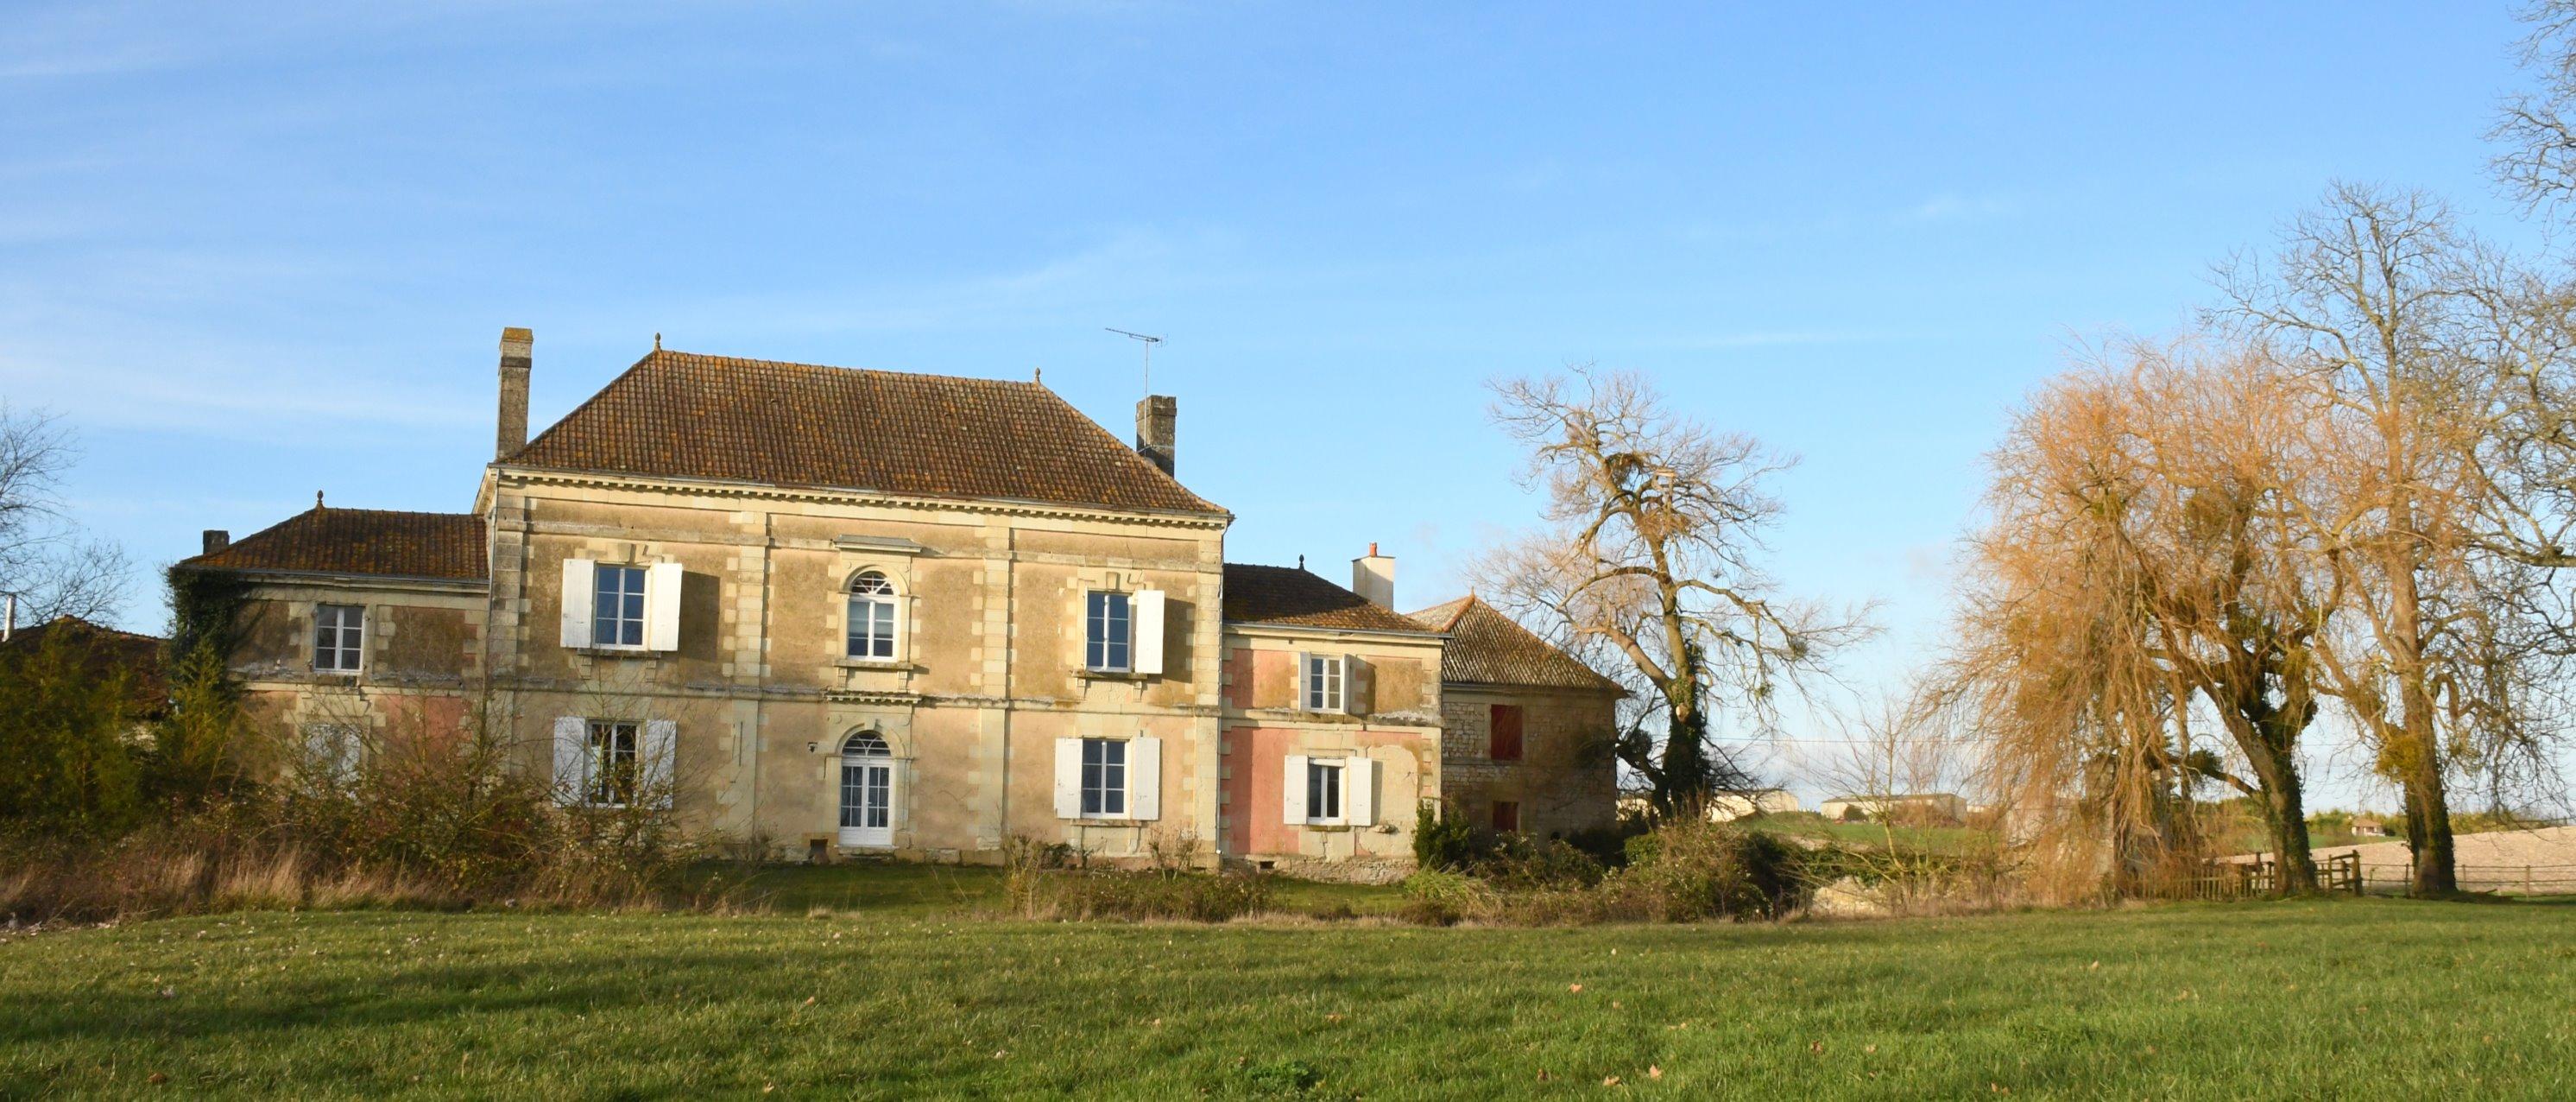 Chateau de Baussay